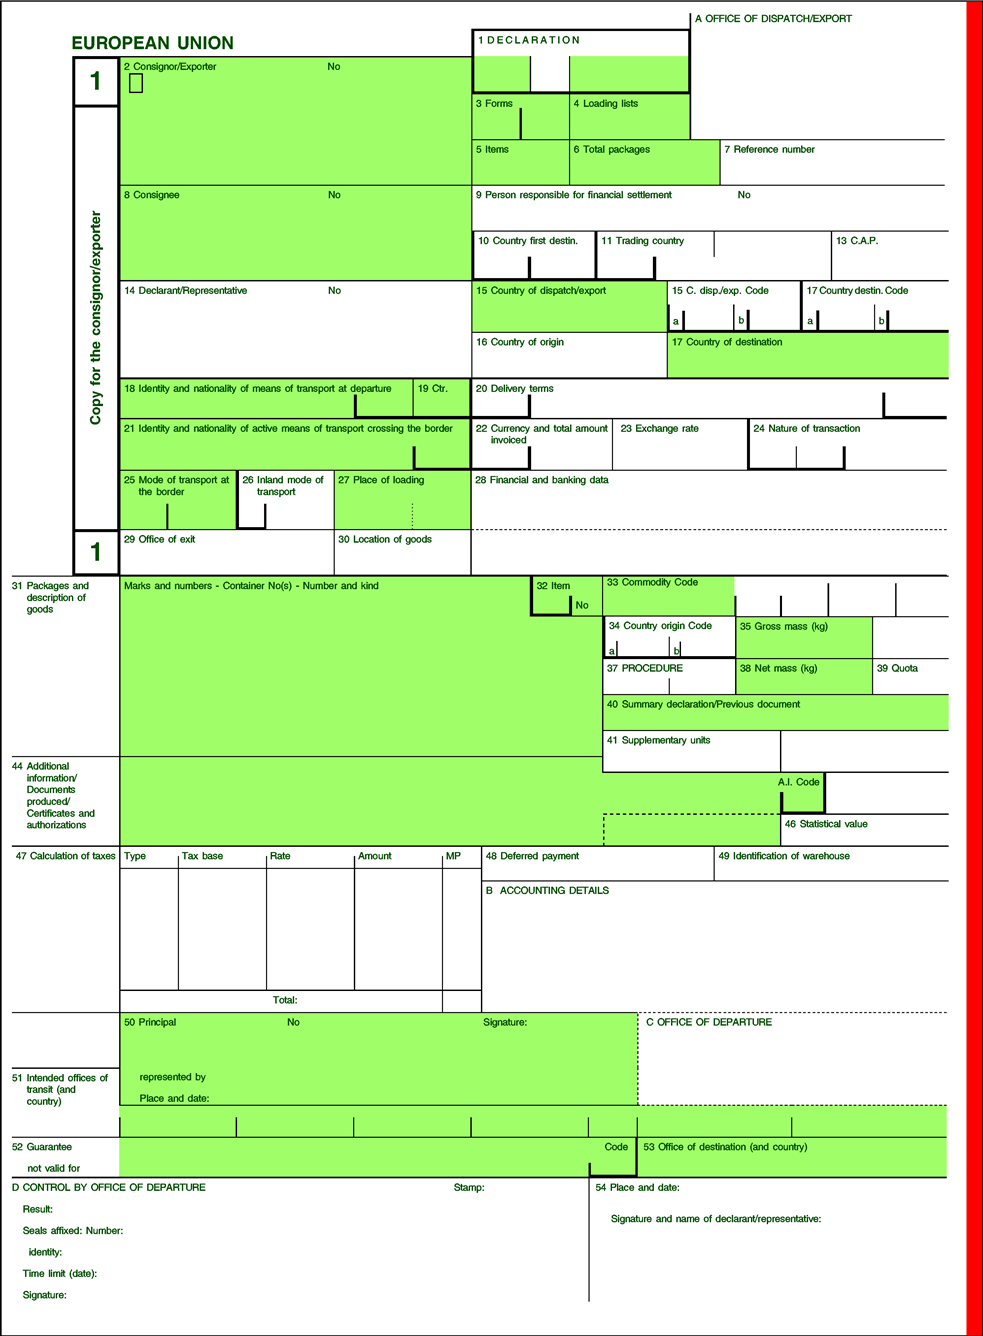 Commission Delegated Regulation Eu 2015 2446 Of 28 July